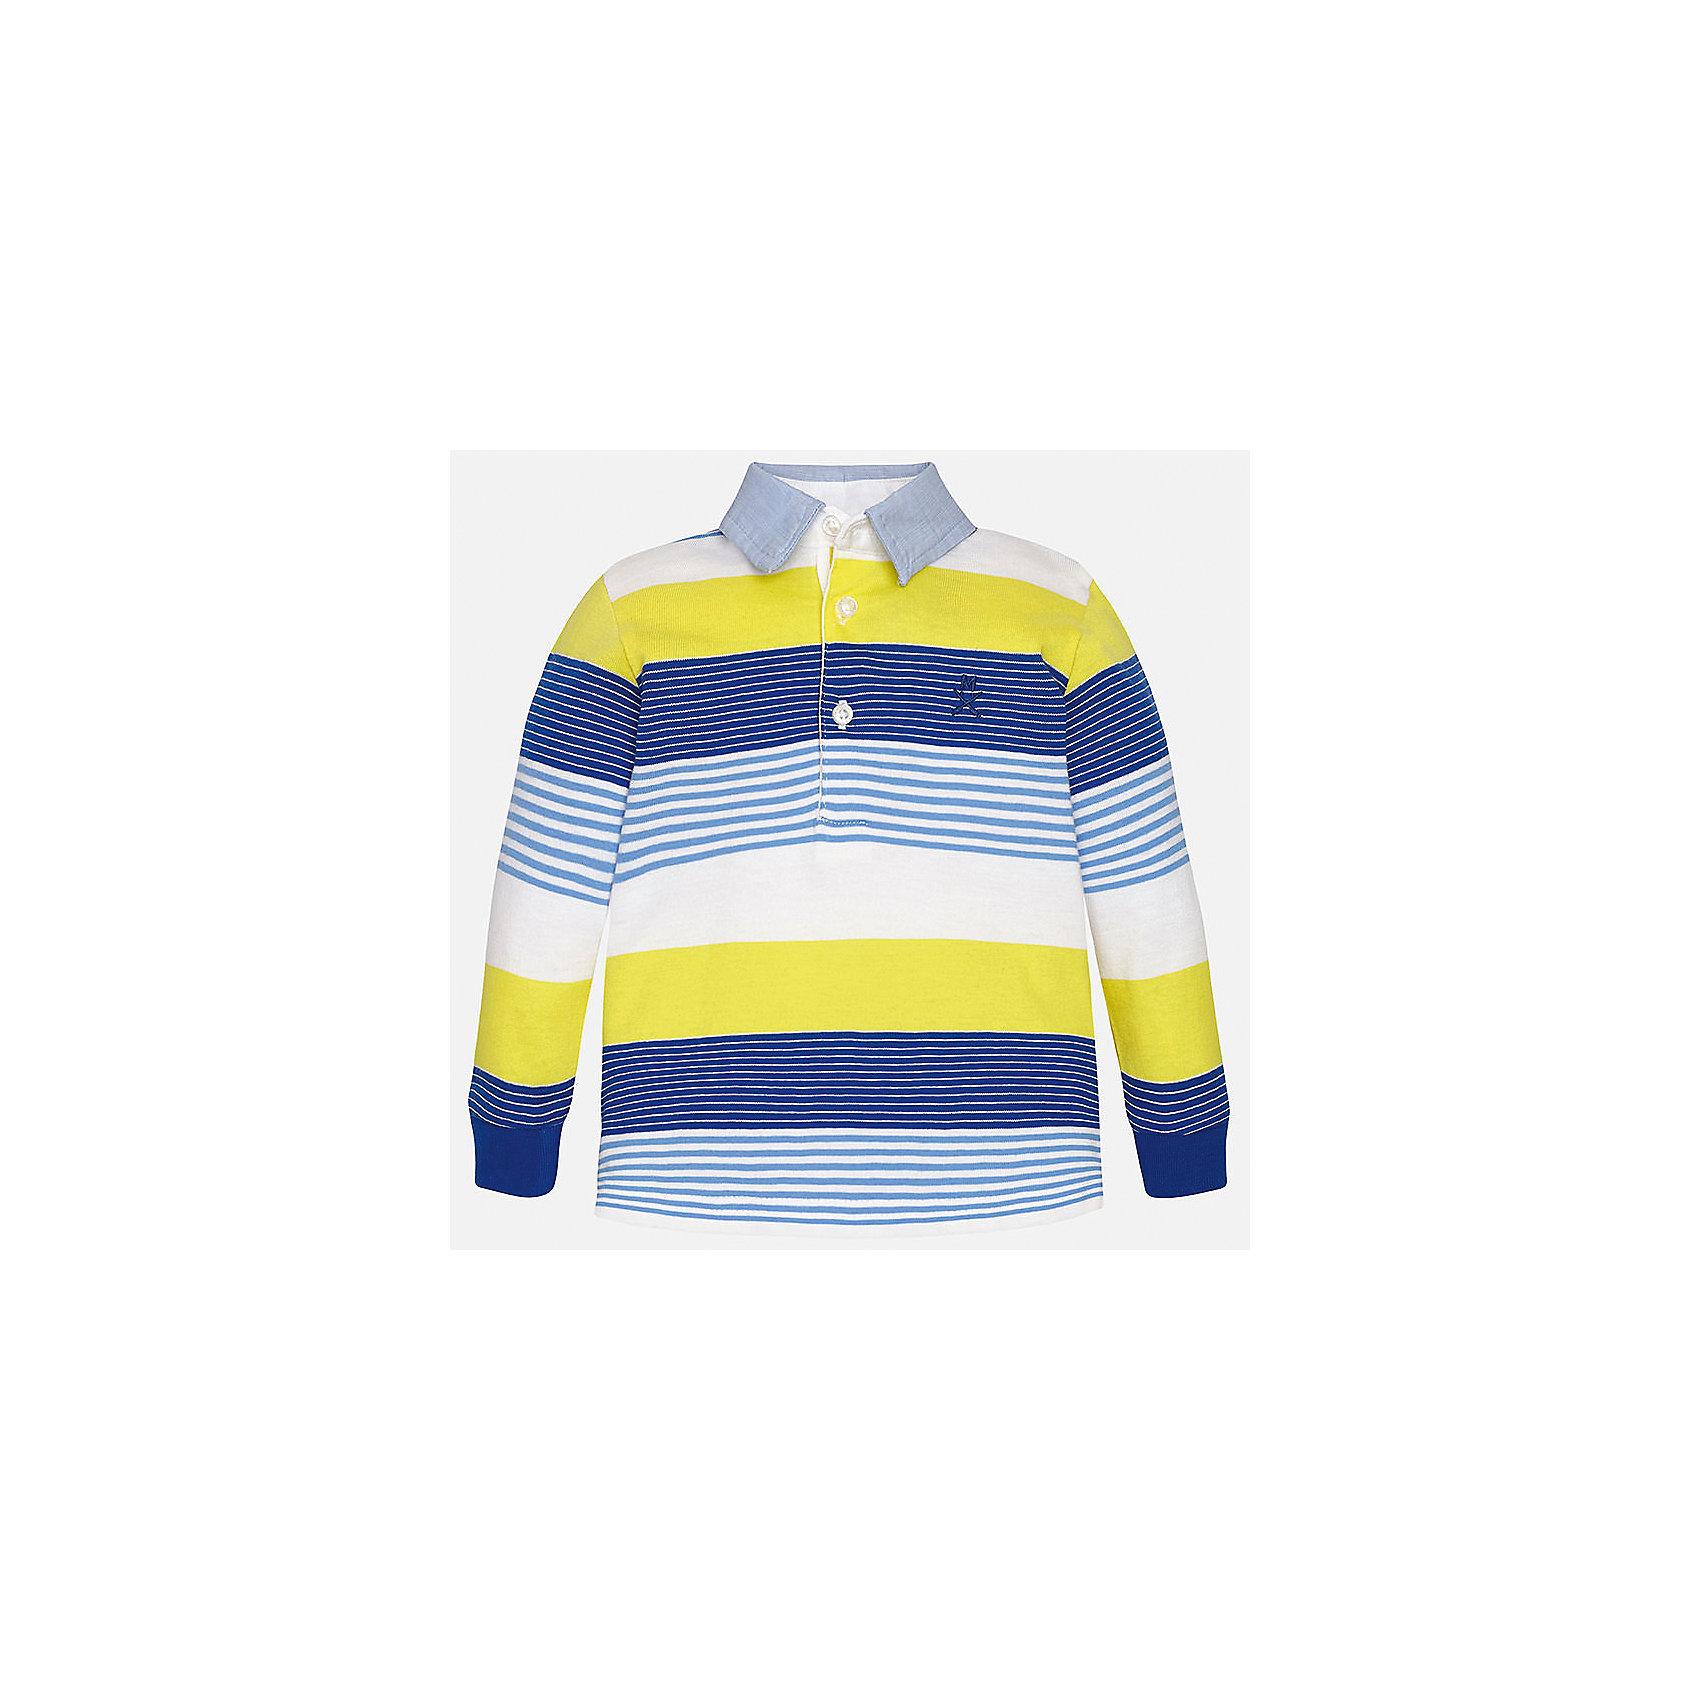 Футболка-поло с длинным рукавом для мальчика MayoralФутболки с длинным рукавом<br>Характеристики товара:<br><br>• цвет: синий/желтый/белый<br>• состав: 100% хлопок<br>• отложной воротник<br>• длинные рукава<br>• застежка: пуговицы<br>• декорирована вышивкой<br>• страна бренда: Испания<br><br>Модная рубашка-поло для мальчика может стать базовой вещью в гардеробе ребенка. Она отлично сочетается с брюками, шортами, джинсами и т.д. Универсальный крой и цвет позволяет подобрать к вещи низ разных расцветок. Практичное и стильное изделие! В составе материала - только натуральный хлопок, гипоаллергенный, приятный на ощупь, дышащий.<br><br>Одежда, обувь и аксессуары от испанского бренда Mayoral полюбились детям и взрослым по всему миру. Модели этой марки - стильные и удобные. Для их производства используются только безопасные, качественные материалы и фурнитура. Порадуйте ребенка модными и красивыми вещами от Mayoral! <br><br>Рубашку-поло для мальчика от испанского бренда Mayoral (Майорал) можно купить в нашем интернет-магазине.<br><br>Ширина мм: 230<br>Глубина мм: 40<br>Высота мм: 220<br>Вес г: 250<br>Цвет: голубой<br>Возраст от месяцев: 12<br>Возраст до месяцев: 15<br>Пол: Мужской<br>Возраст: Детский<br>Размер: 80,92,86<br>SKU: 5279448